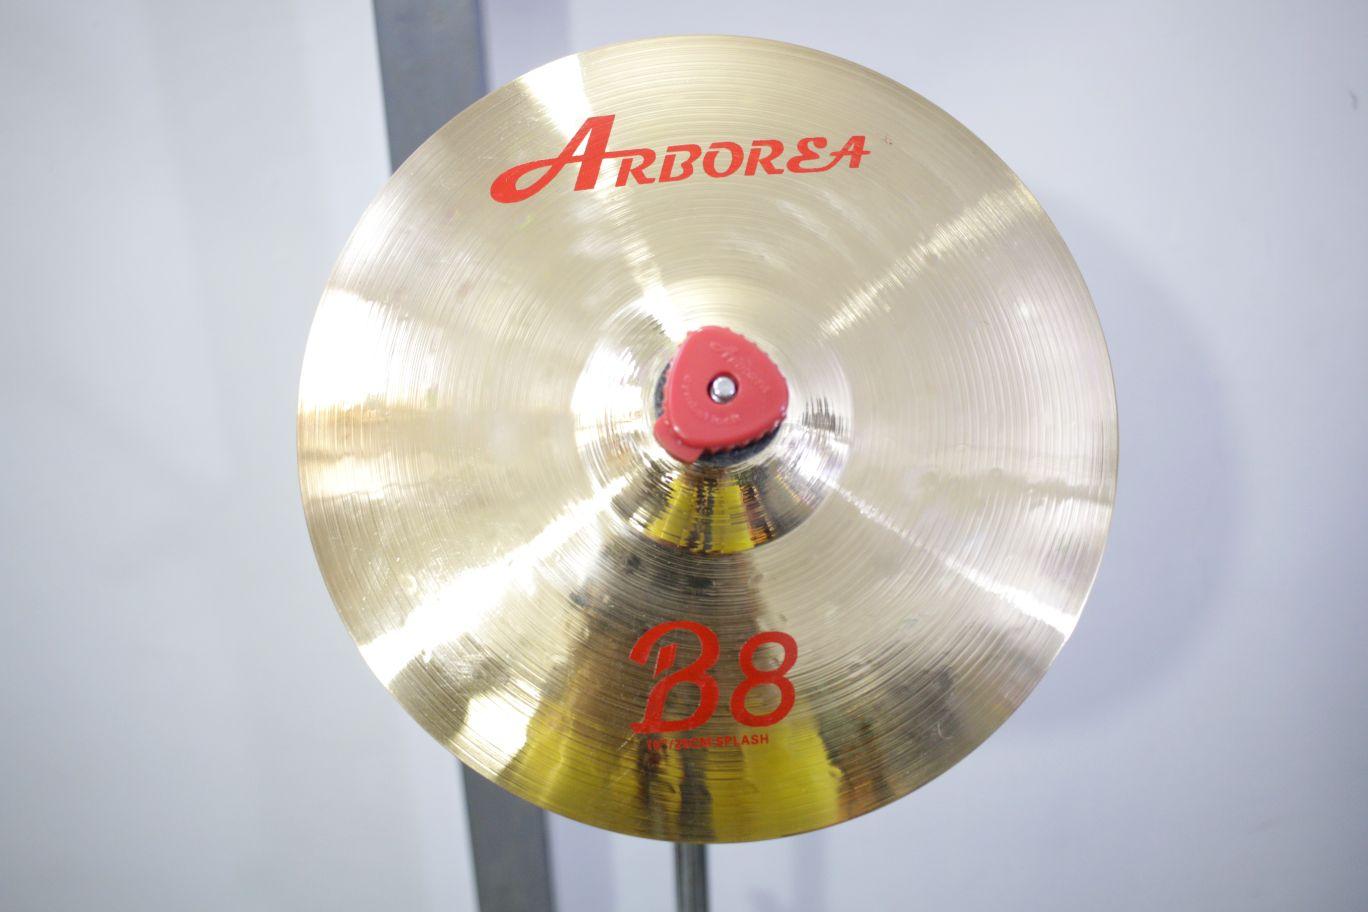 SPLASH 10 B8 ARBOREA